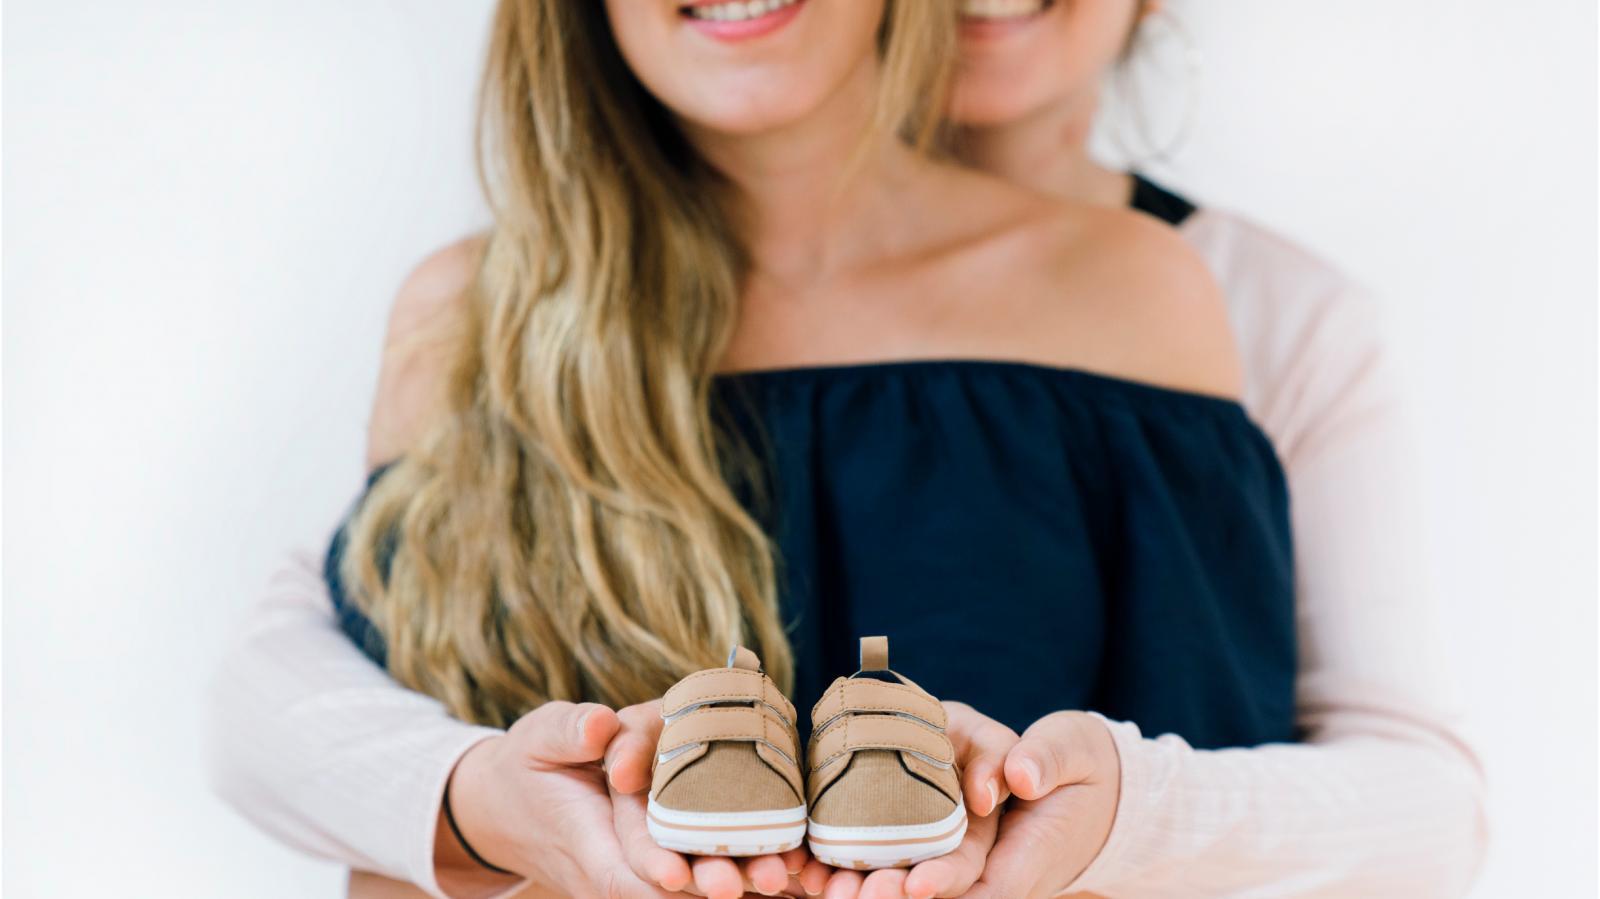 Parecer do MPT é favorável à licença maternidade dupla a casal homoafetivo